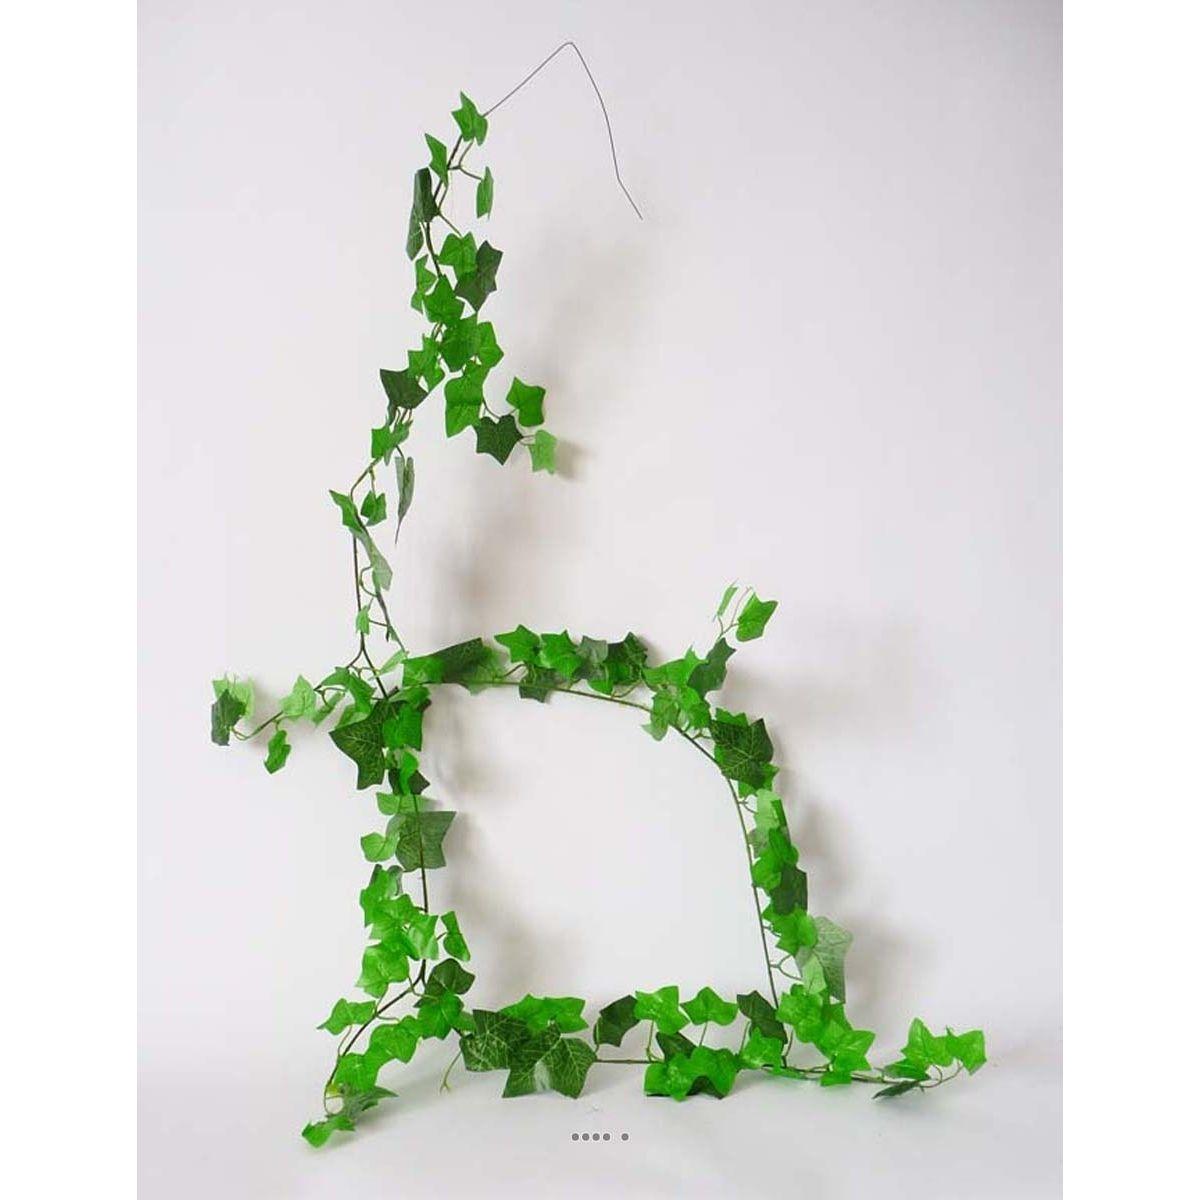 guirlande de lierre Vert 180 cm armee 57 branches 120 feuilles - choisissez votre coloris: Vert